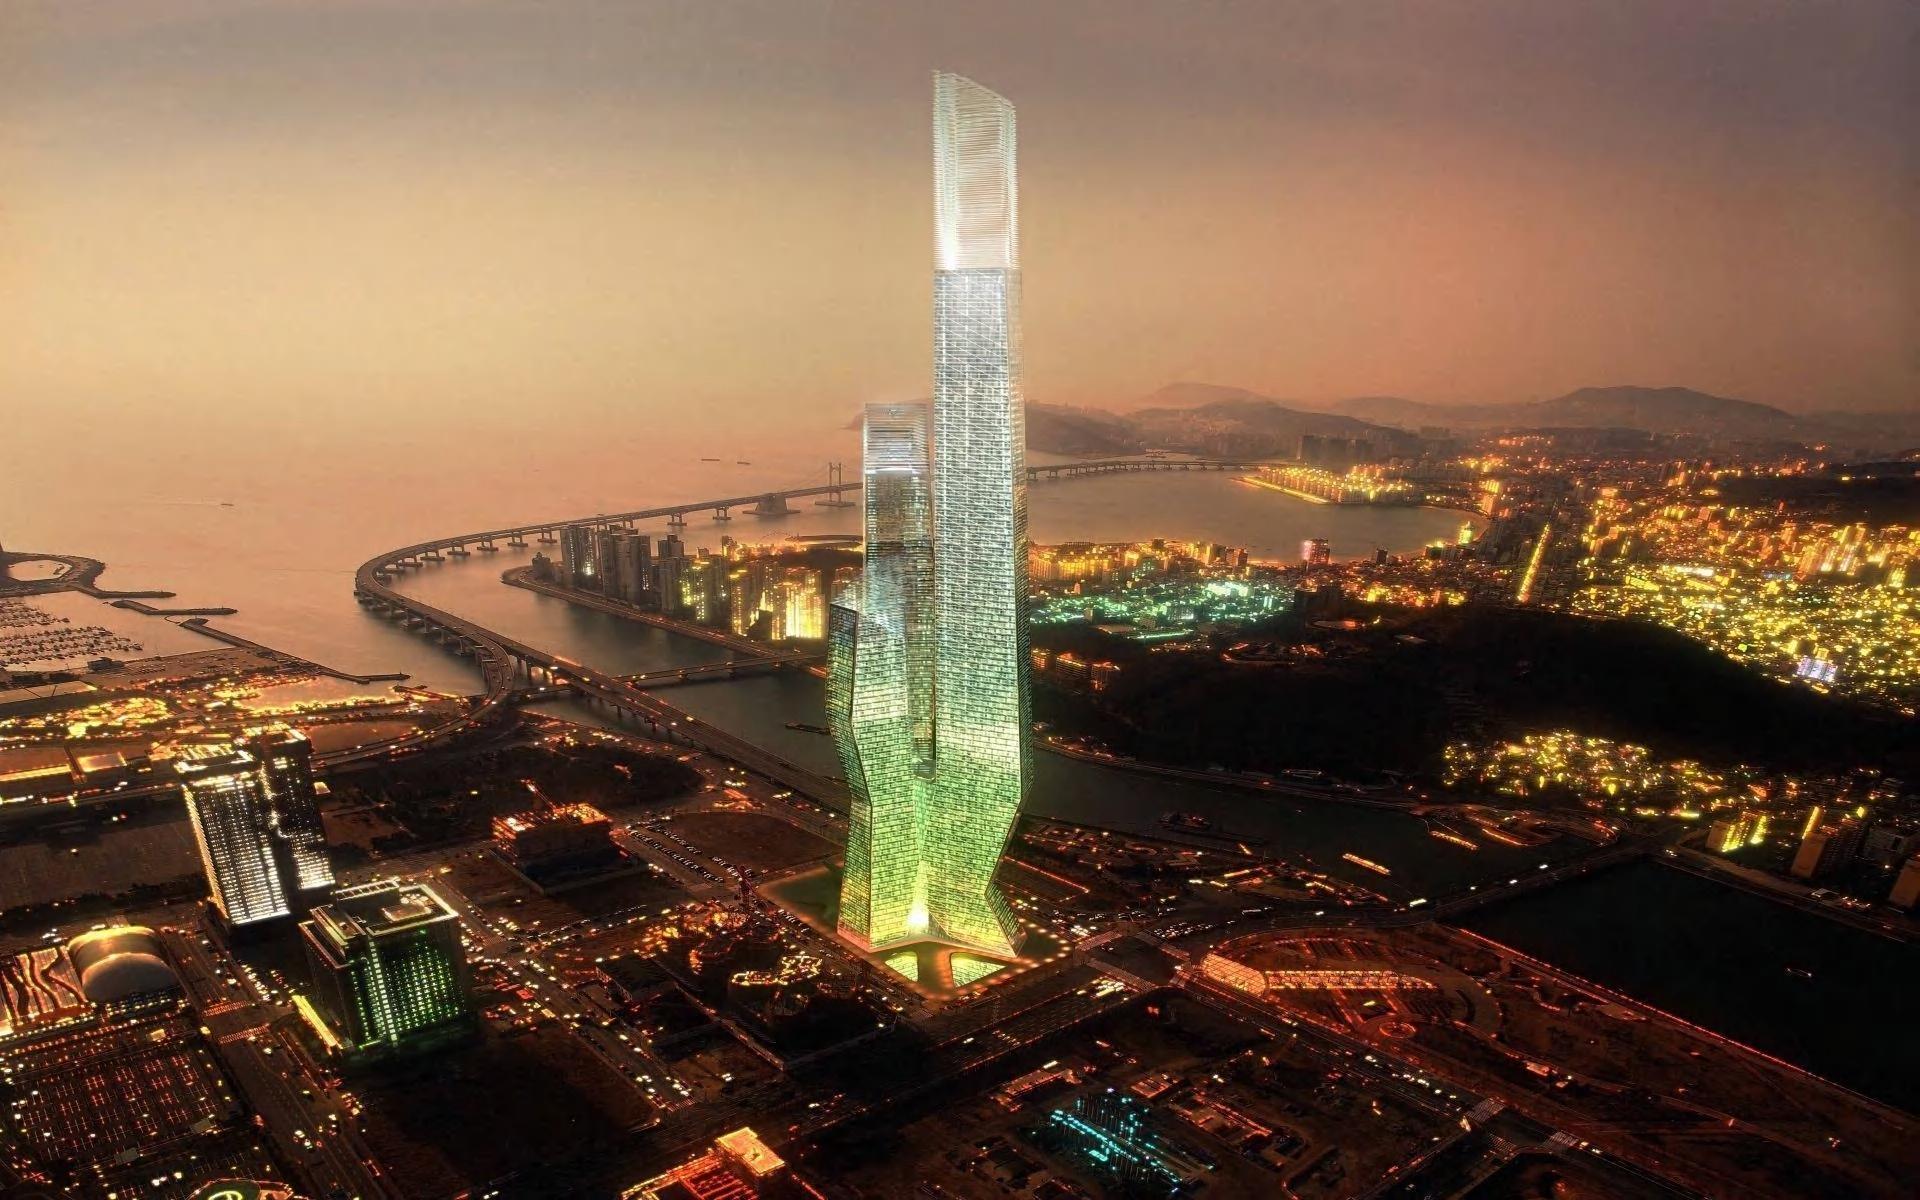 численное превосходство картинки на рабочий стол сеул башня выборгского шоссе